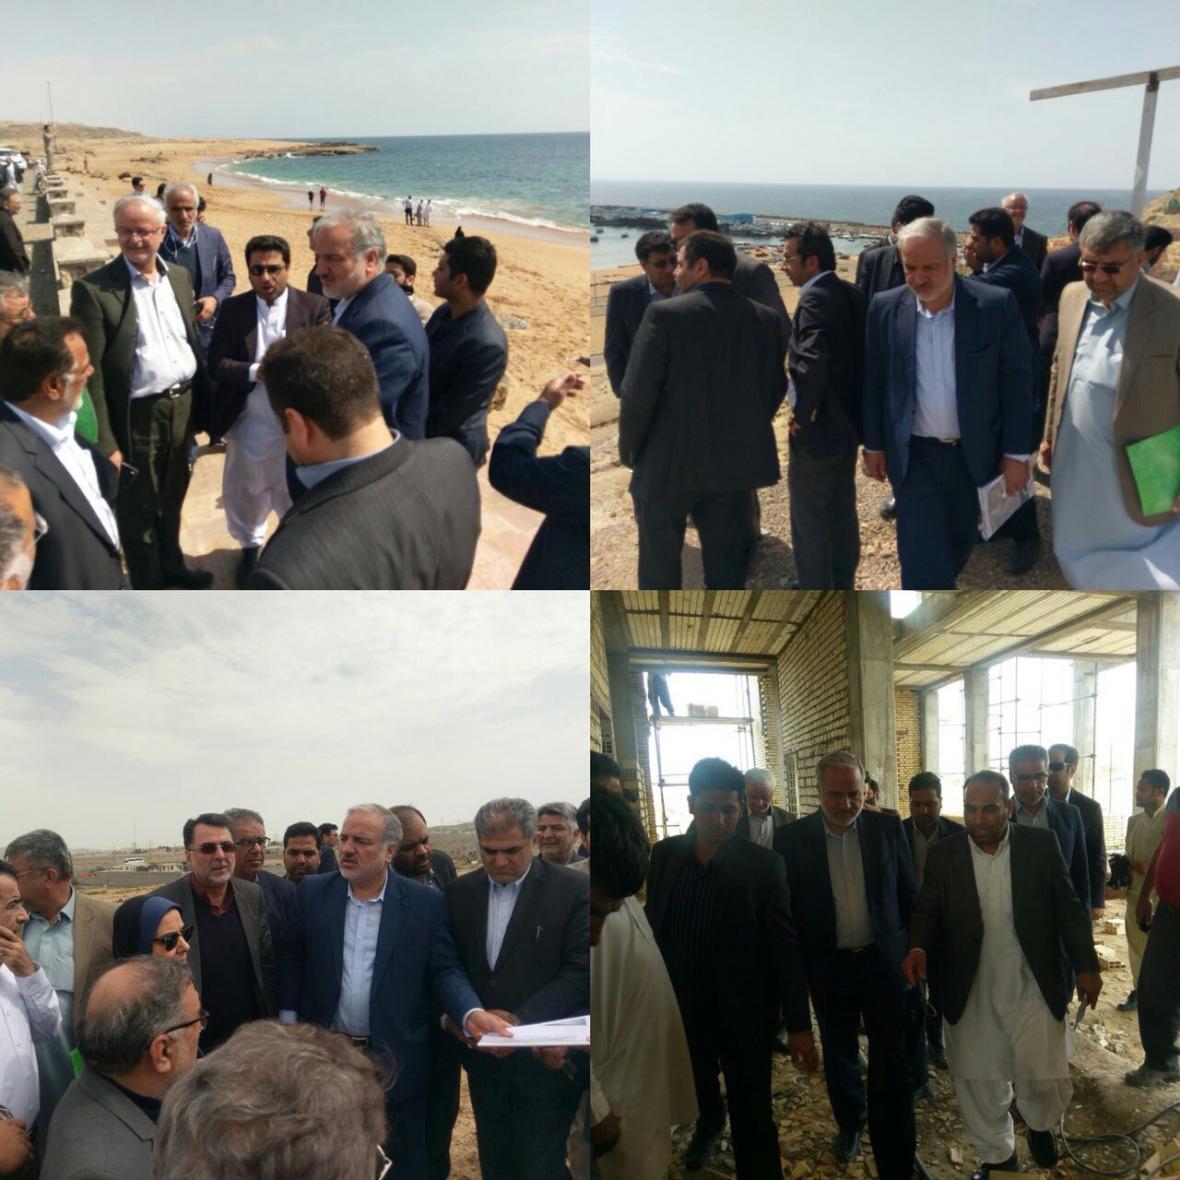 بازدید 3 معاون وزیر راه و شهرسازی از طرح های توسعه ای بندر چابهار